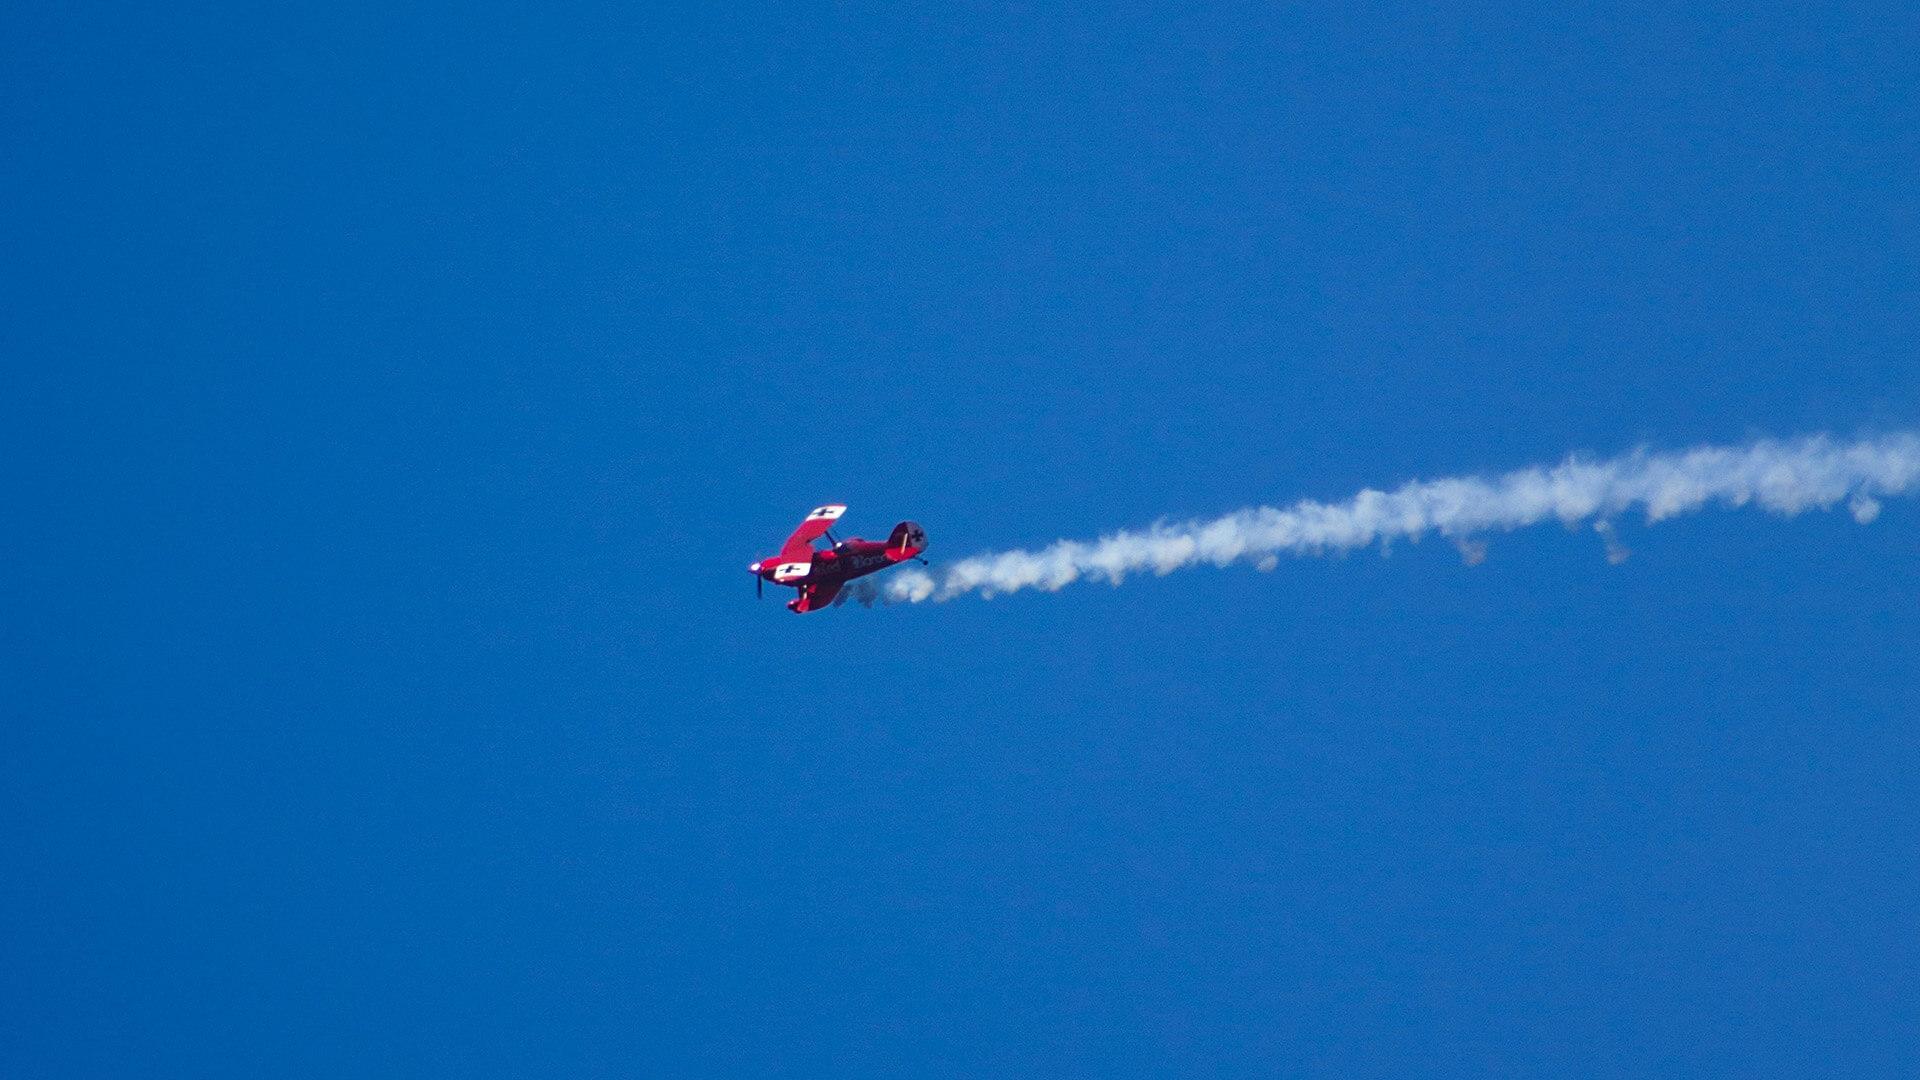 Vollgas: Flugzeug mit Rauch im Himmel